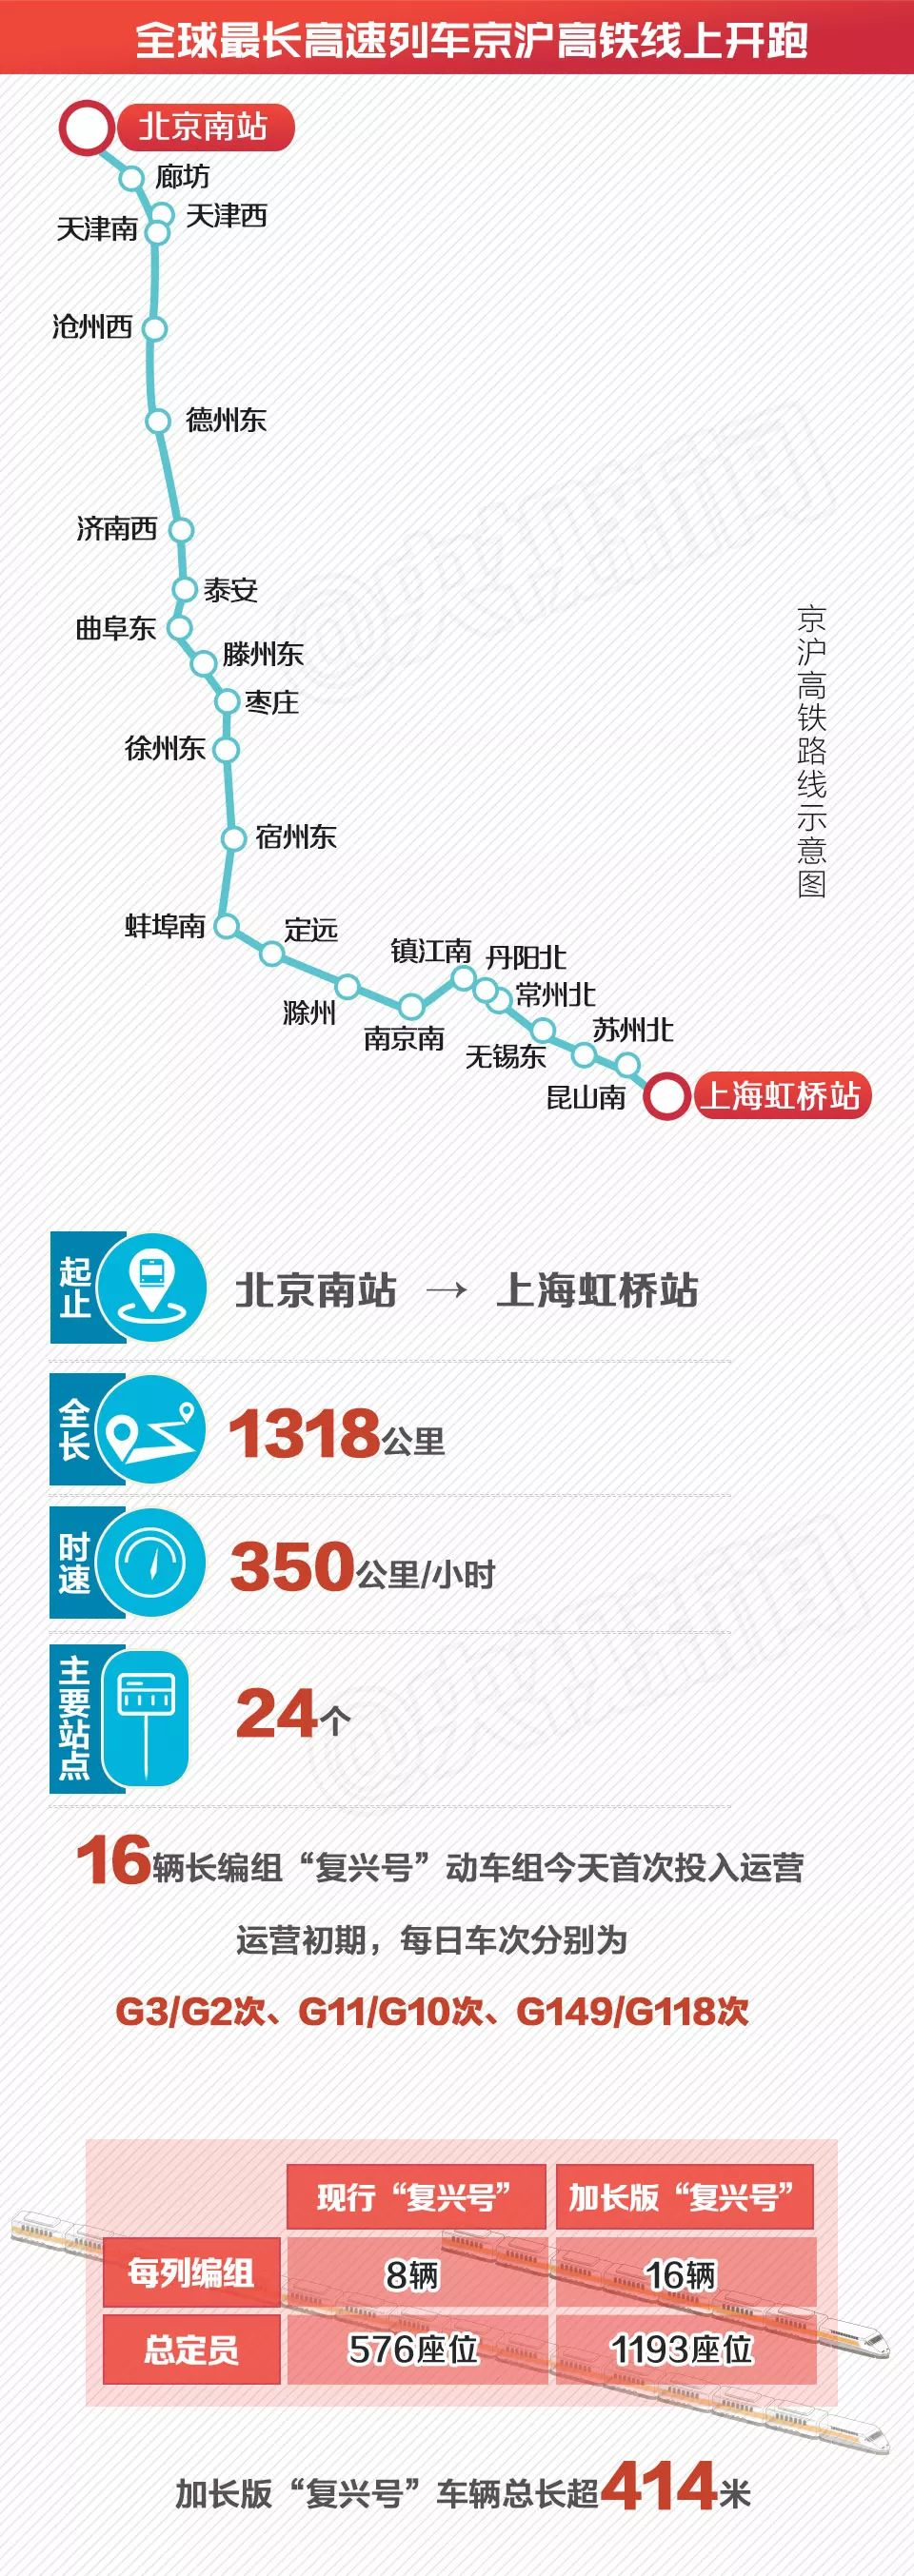 中国高铁惊艳世界 全球最长高速列车